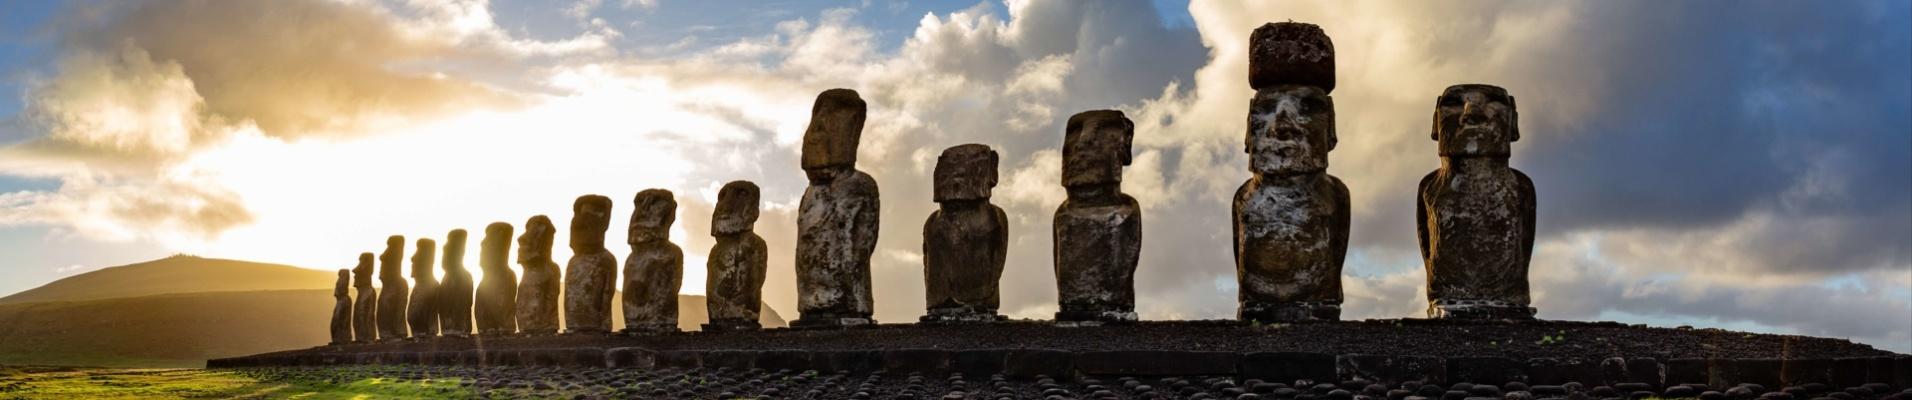 statues-moais-paques